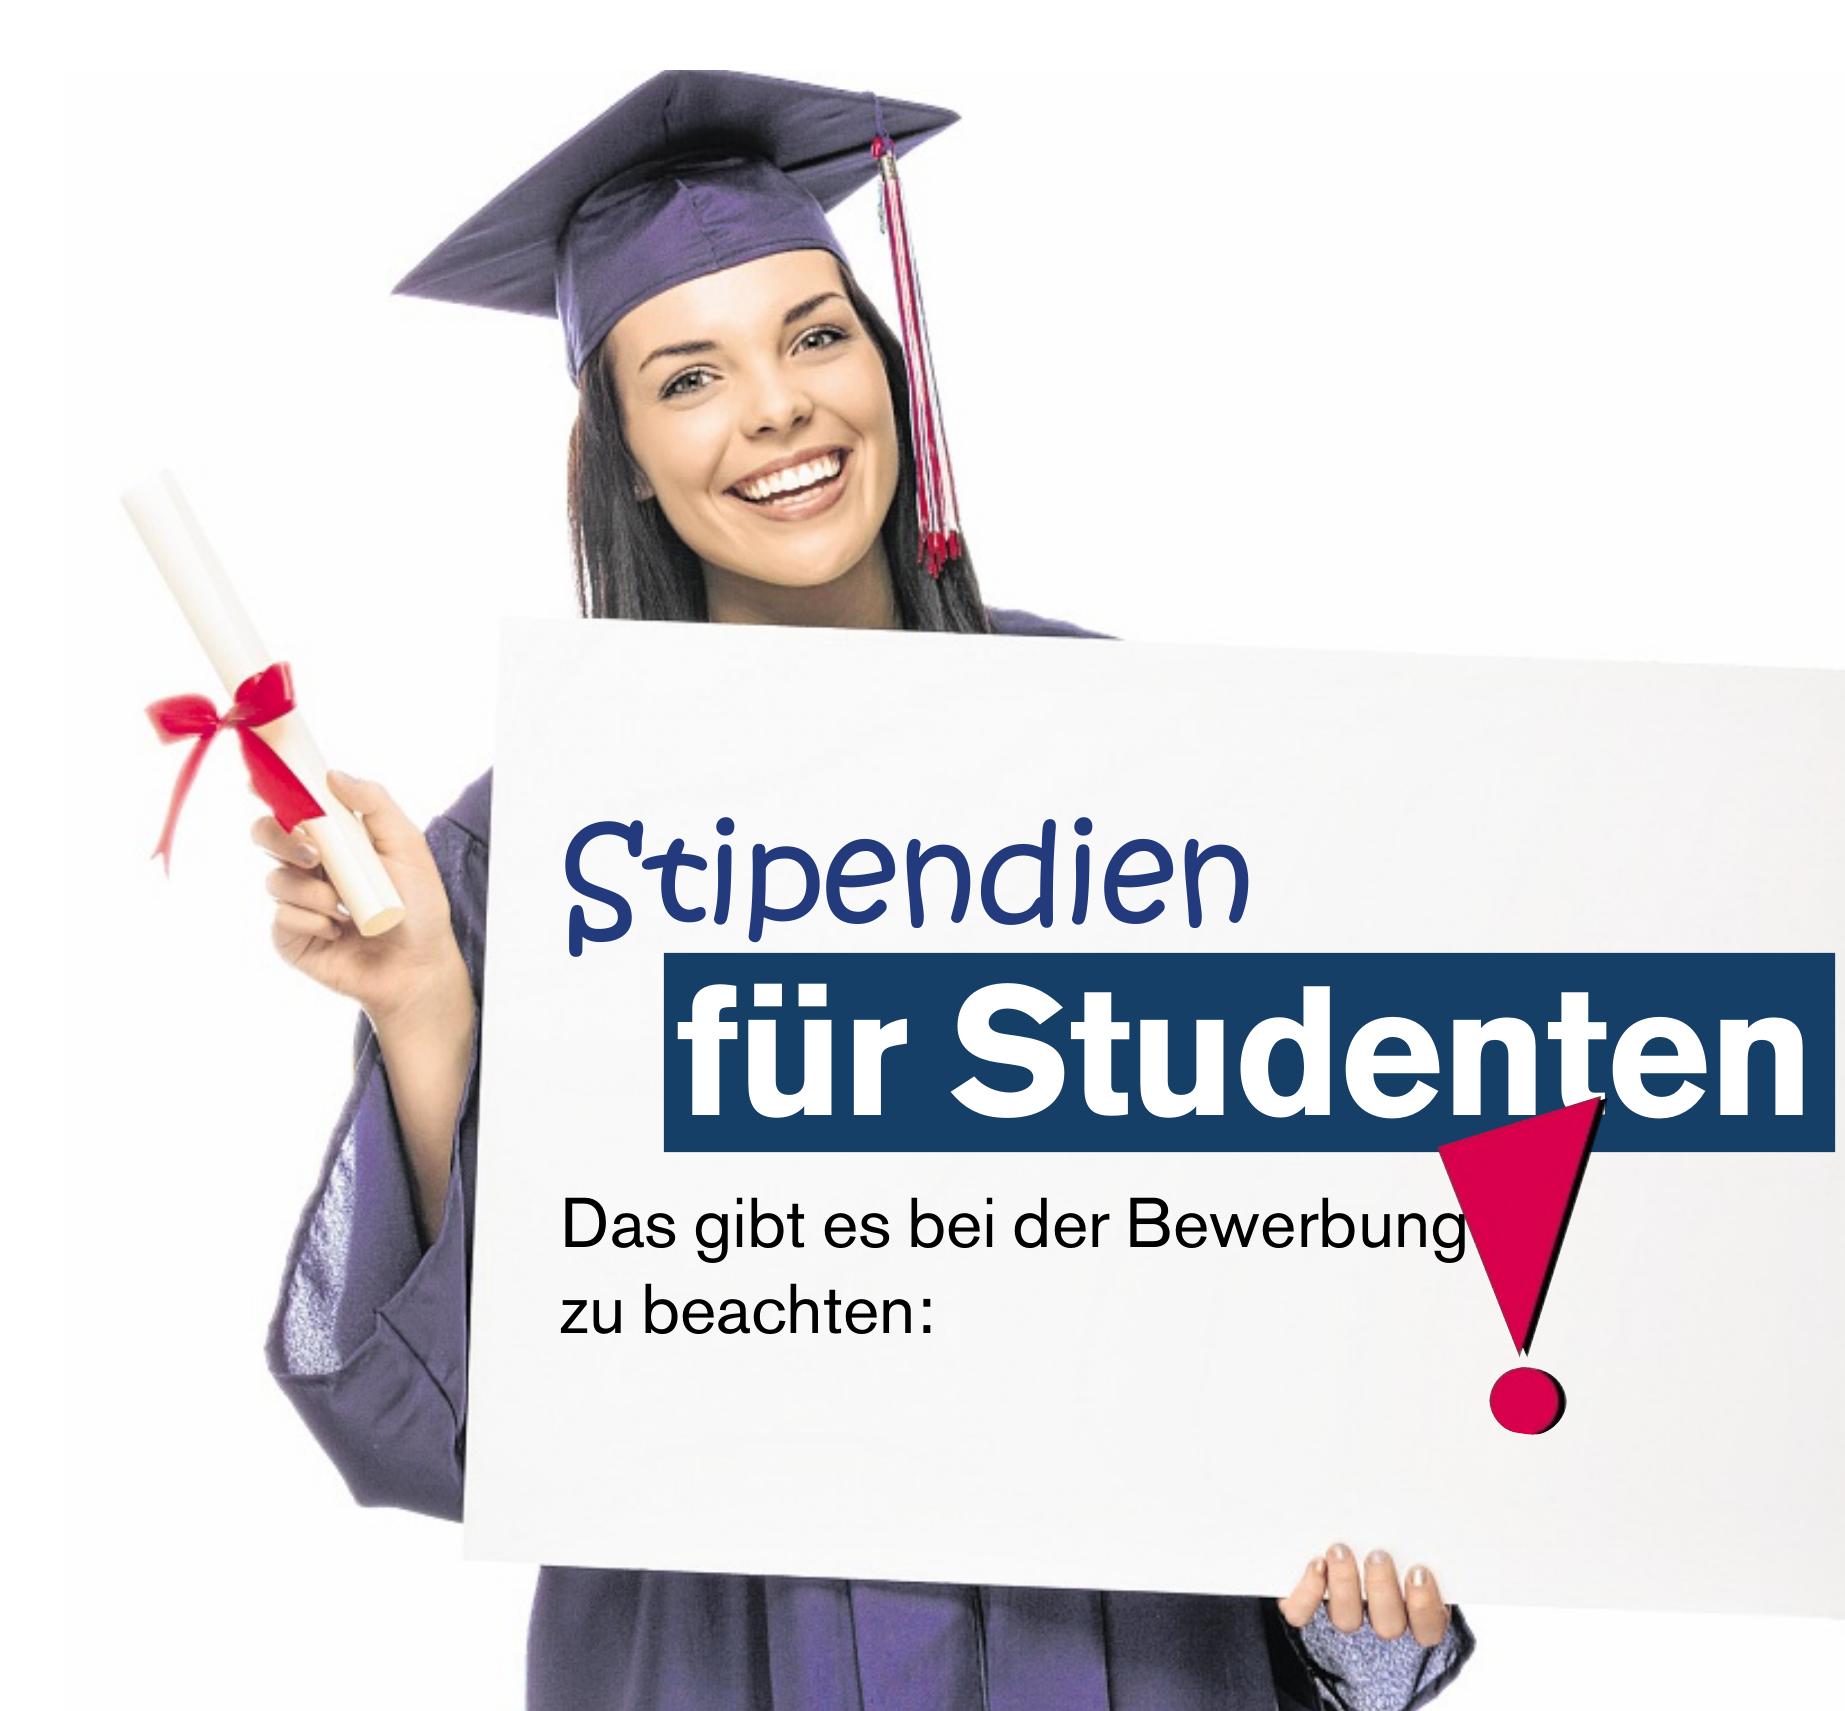 Stipendien für Studenten Image 1